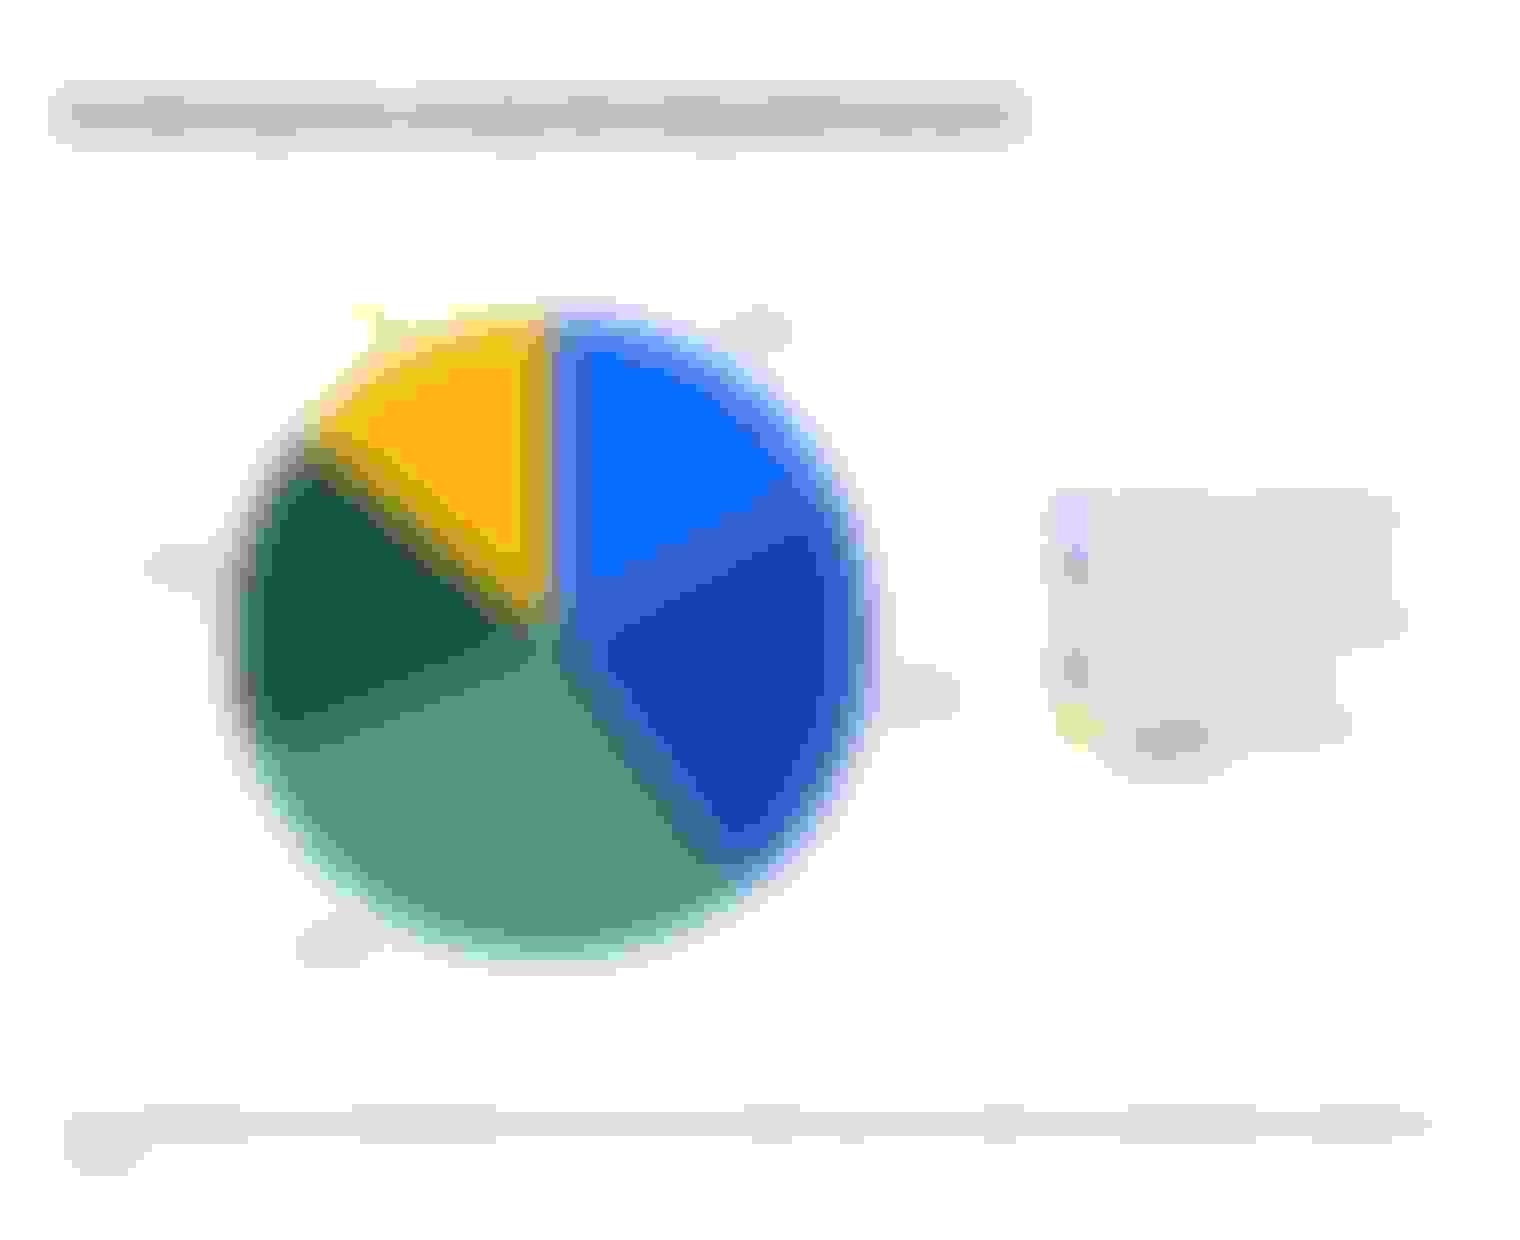 pie chart acquire insurance through spouse parent marketplace job Medicaid Medicare